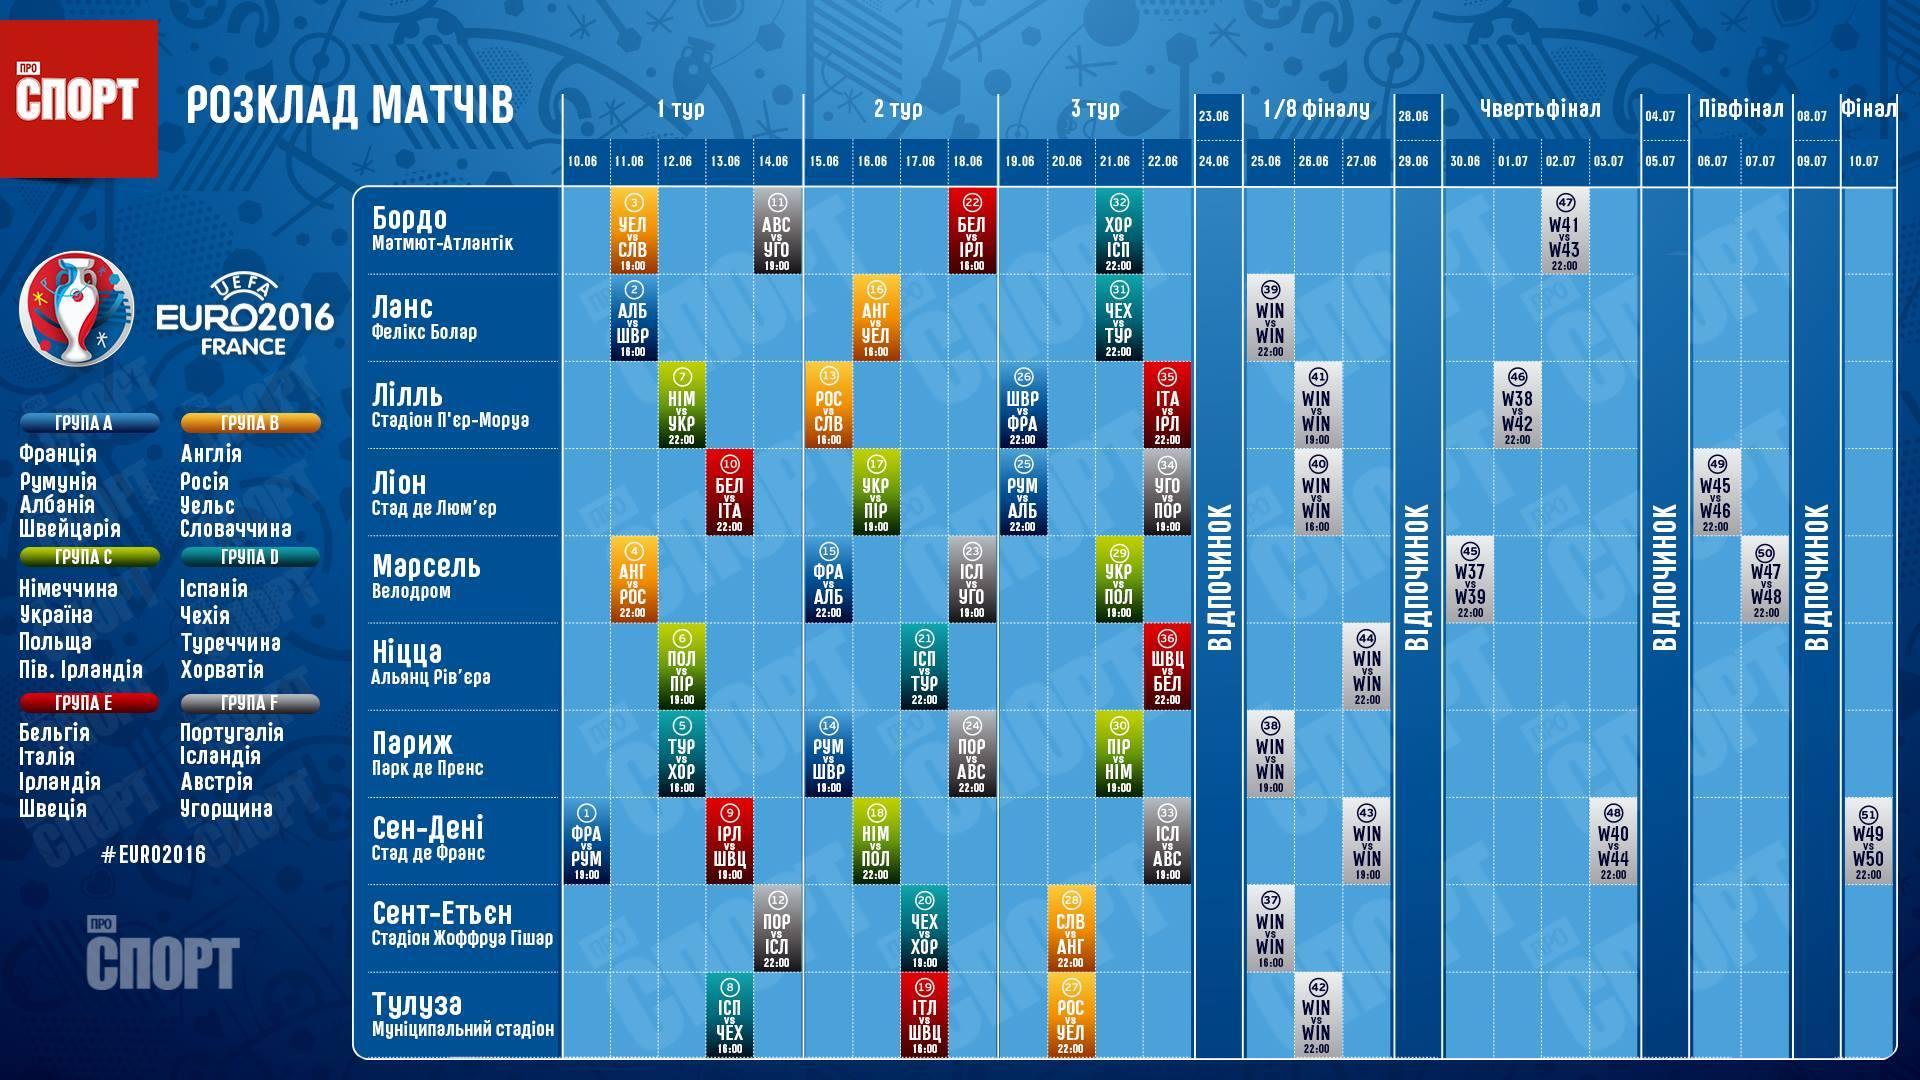 Чемпионат франции результаты матчей [PUNIQRANDLINE-(au-dating-names.txt) 23